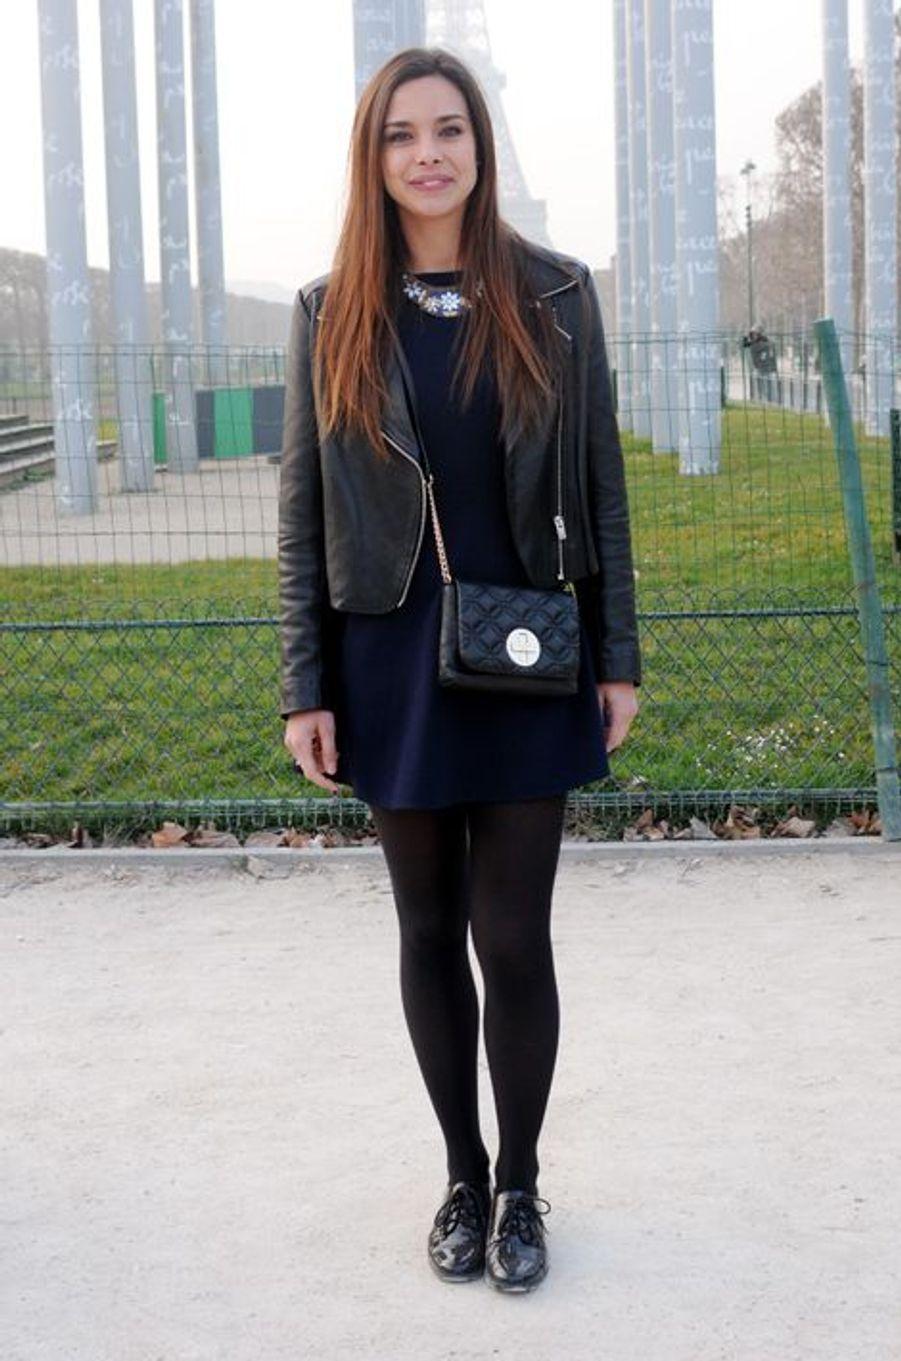 Marine Lorphelin à Paris le 18 mars 2015